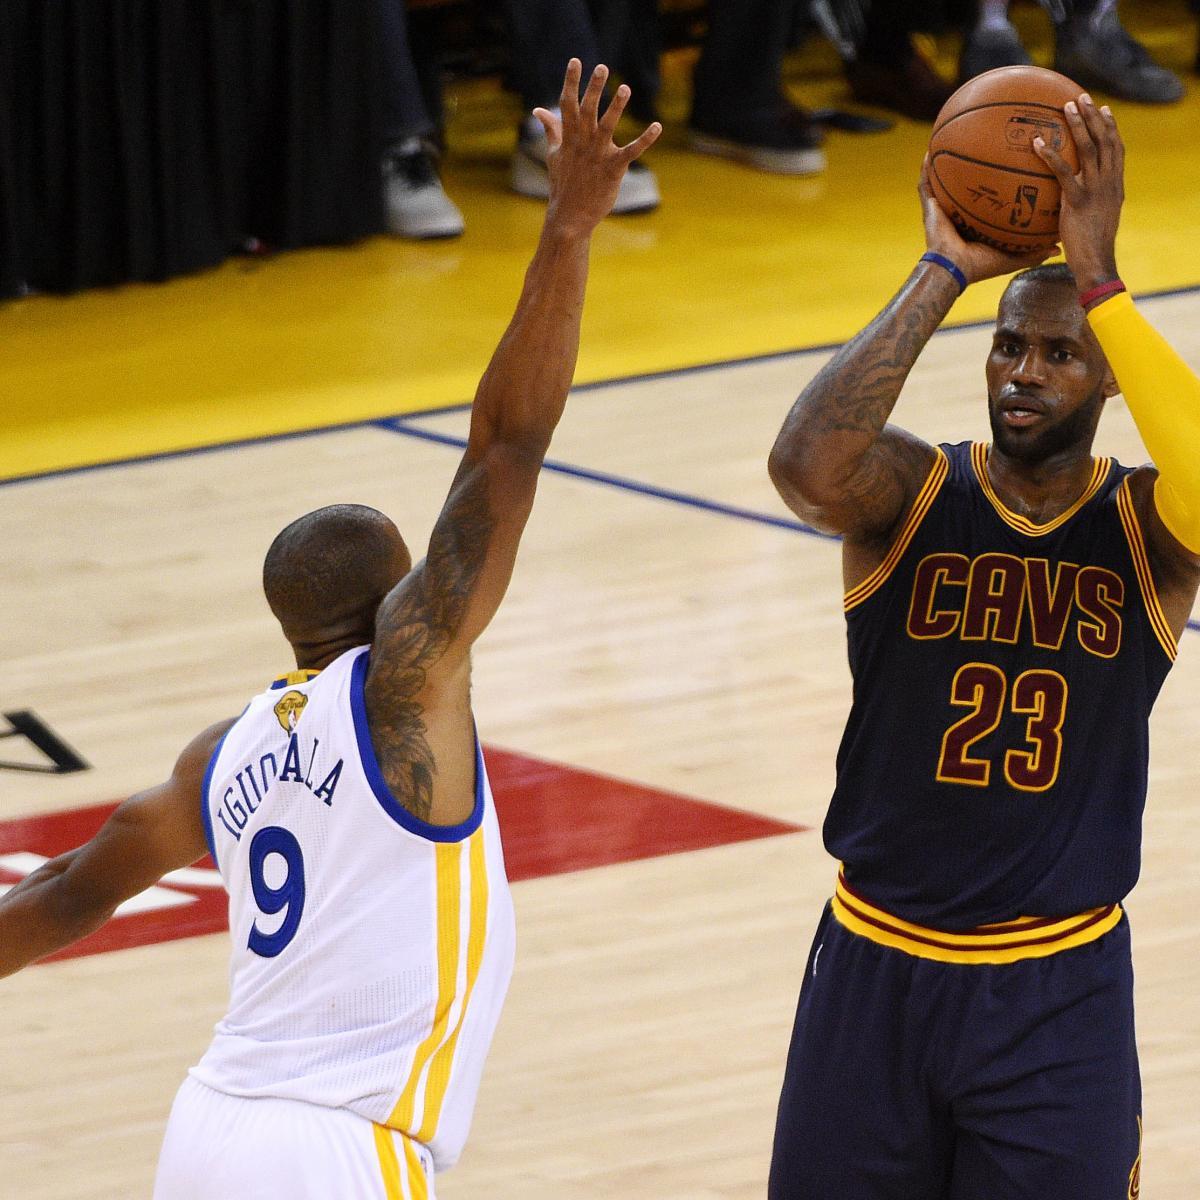 Warriors Game Broadcast Tv: NBA Finals Schedule 2016: Game 3 TV Info And Warriors Vs